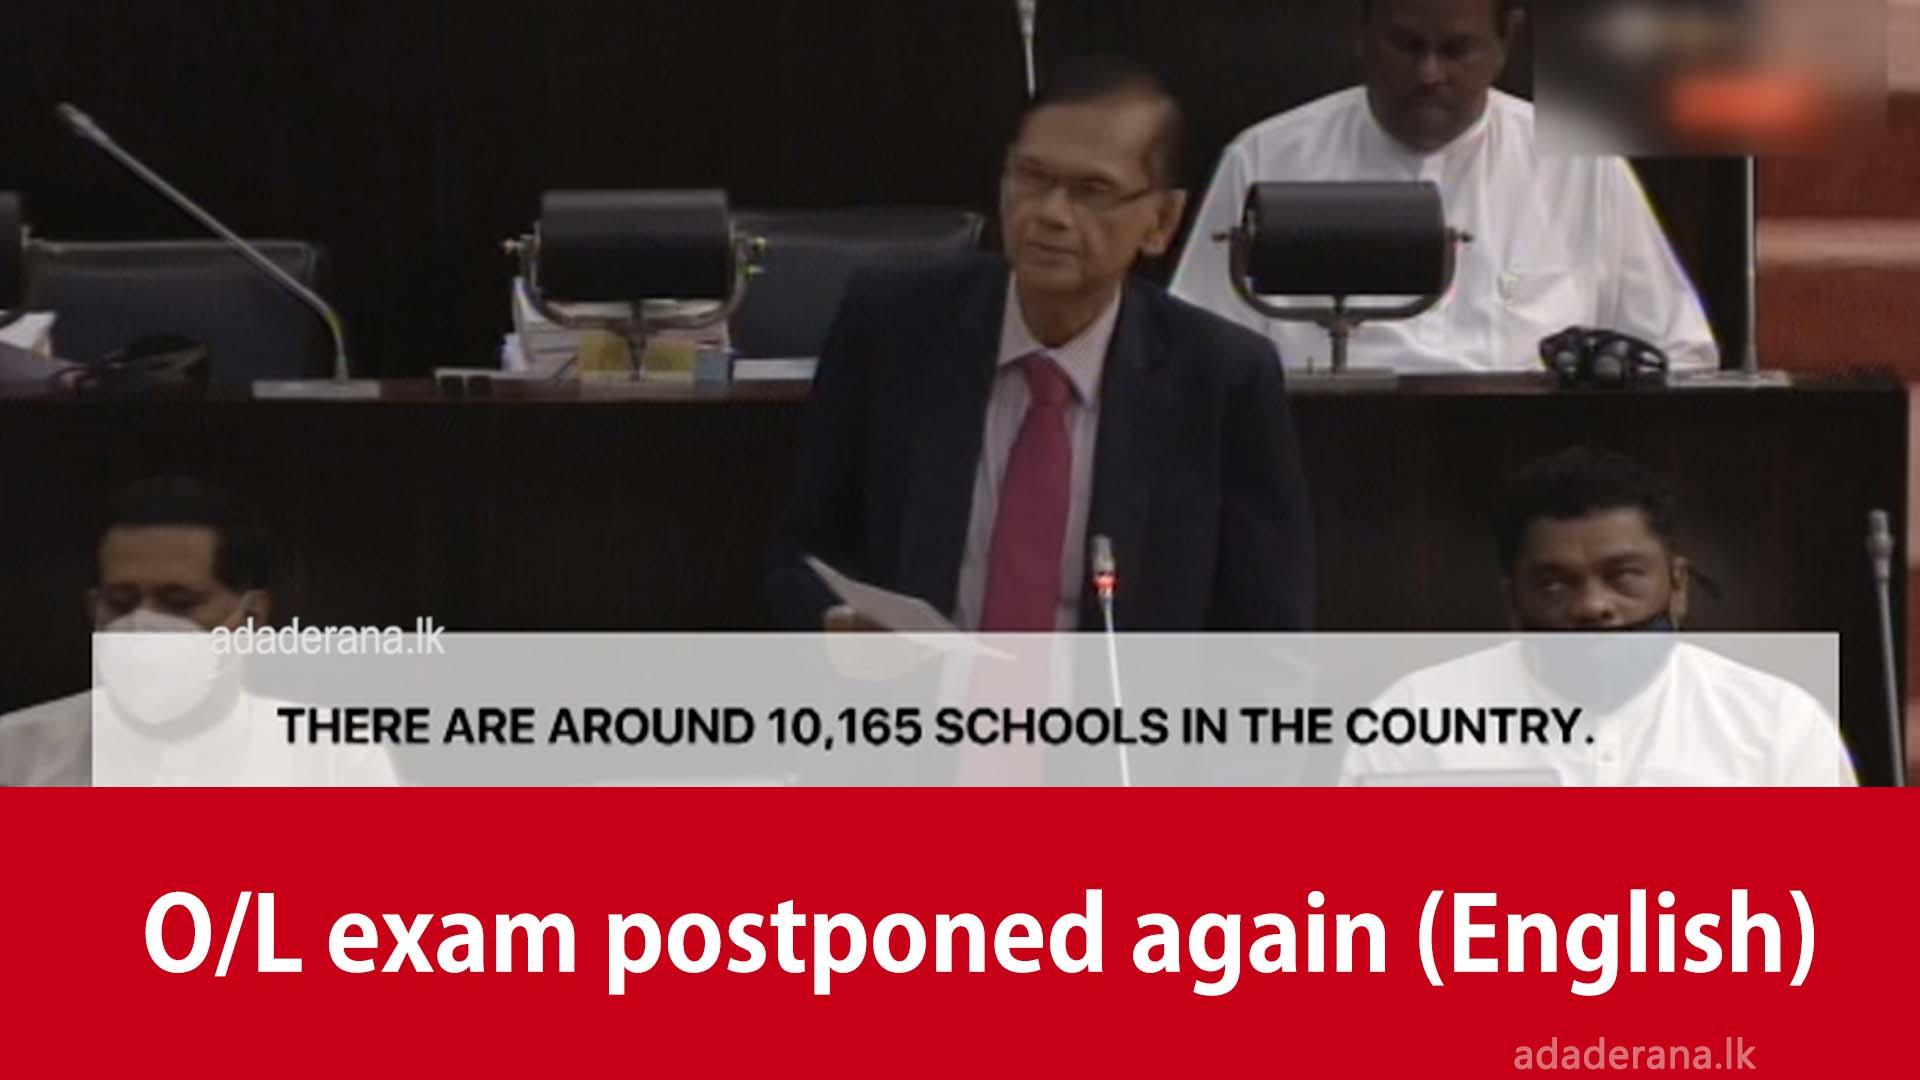 O/L exam postponed again (English)